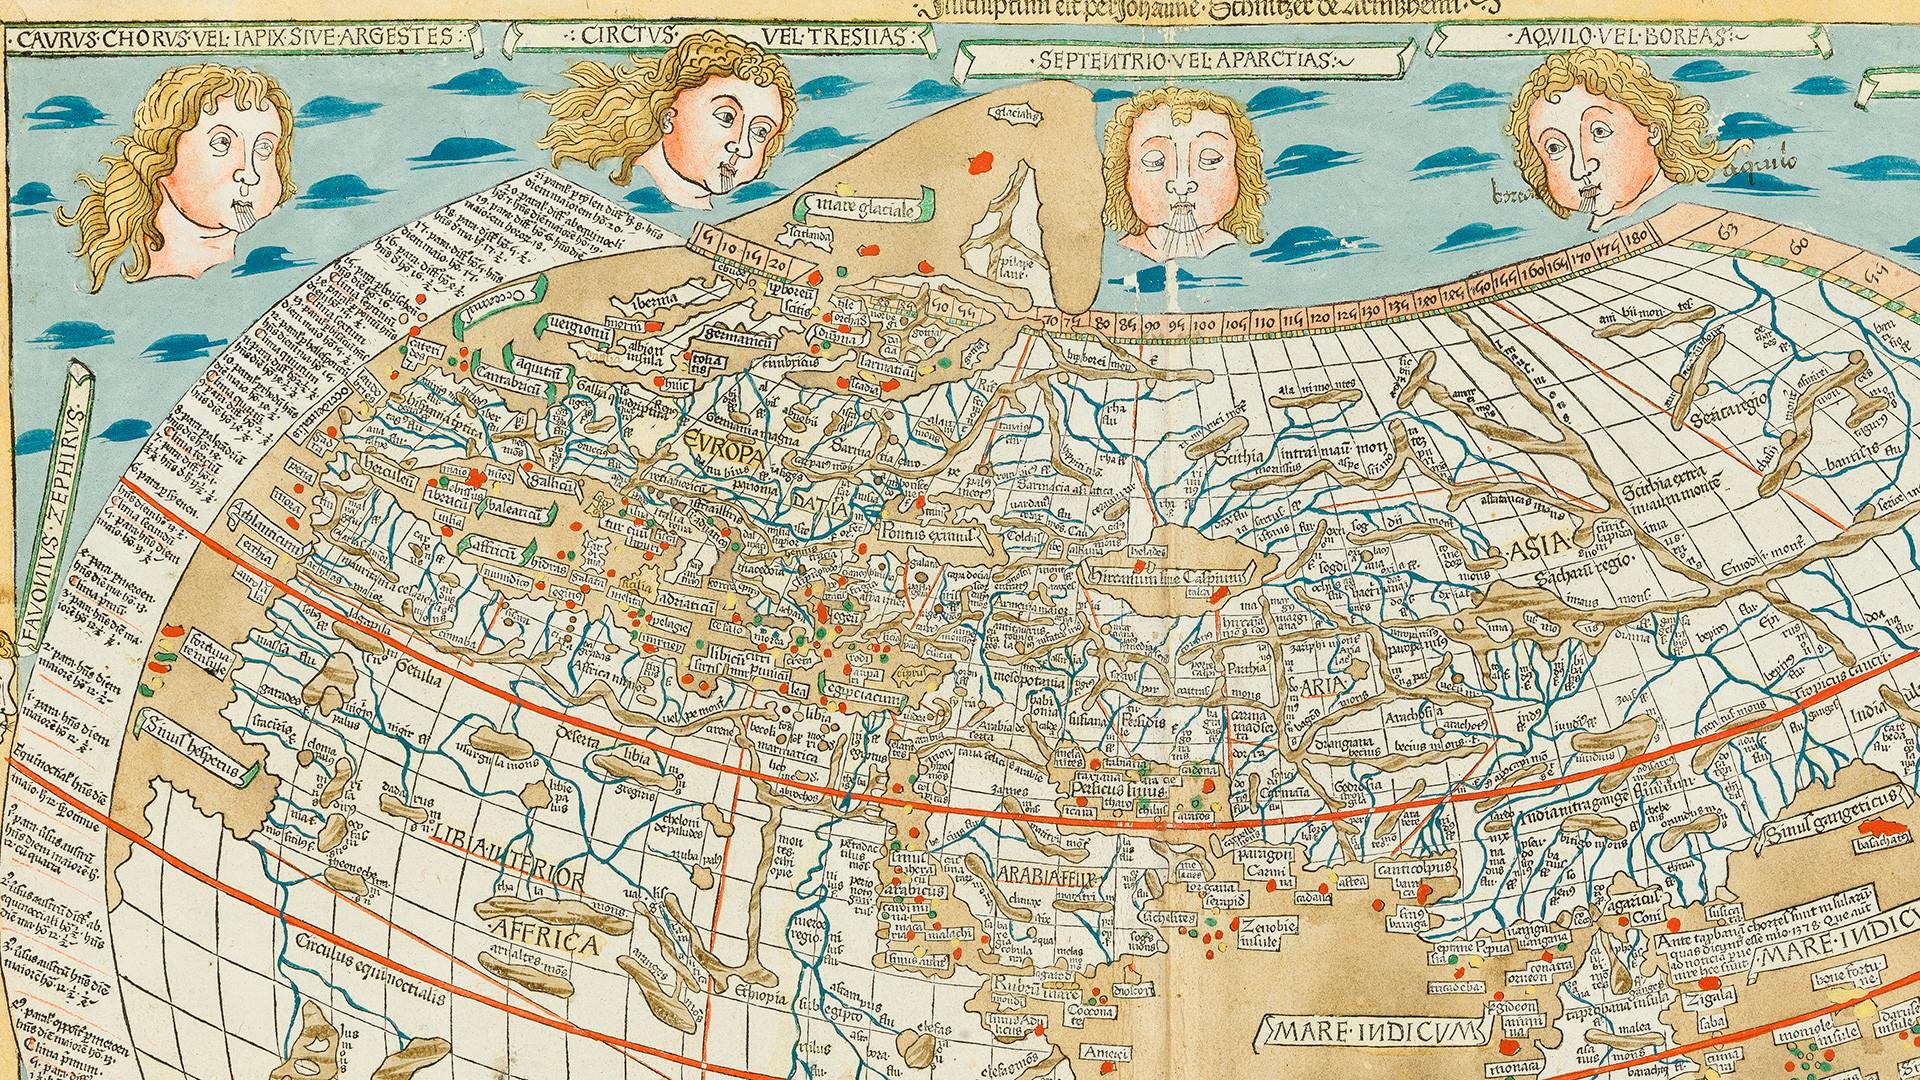 Maailmankartan historiaa   Jakso 2: Maailmankartan historiaa: Ptolemaioksen uudelleen löytäminen ja eurooppalaisten löytöretket